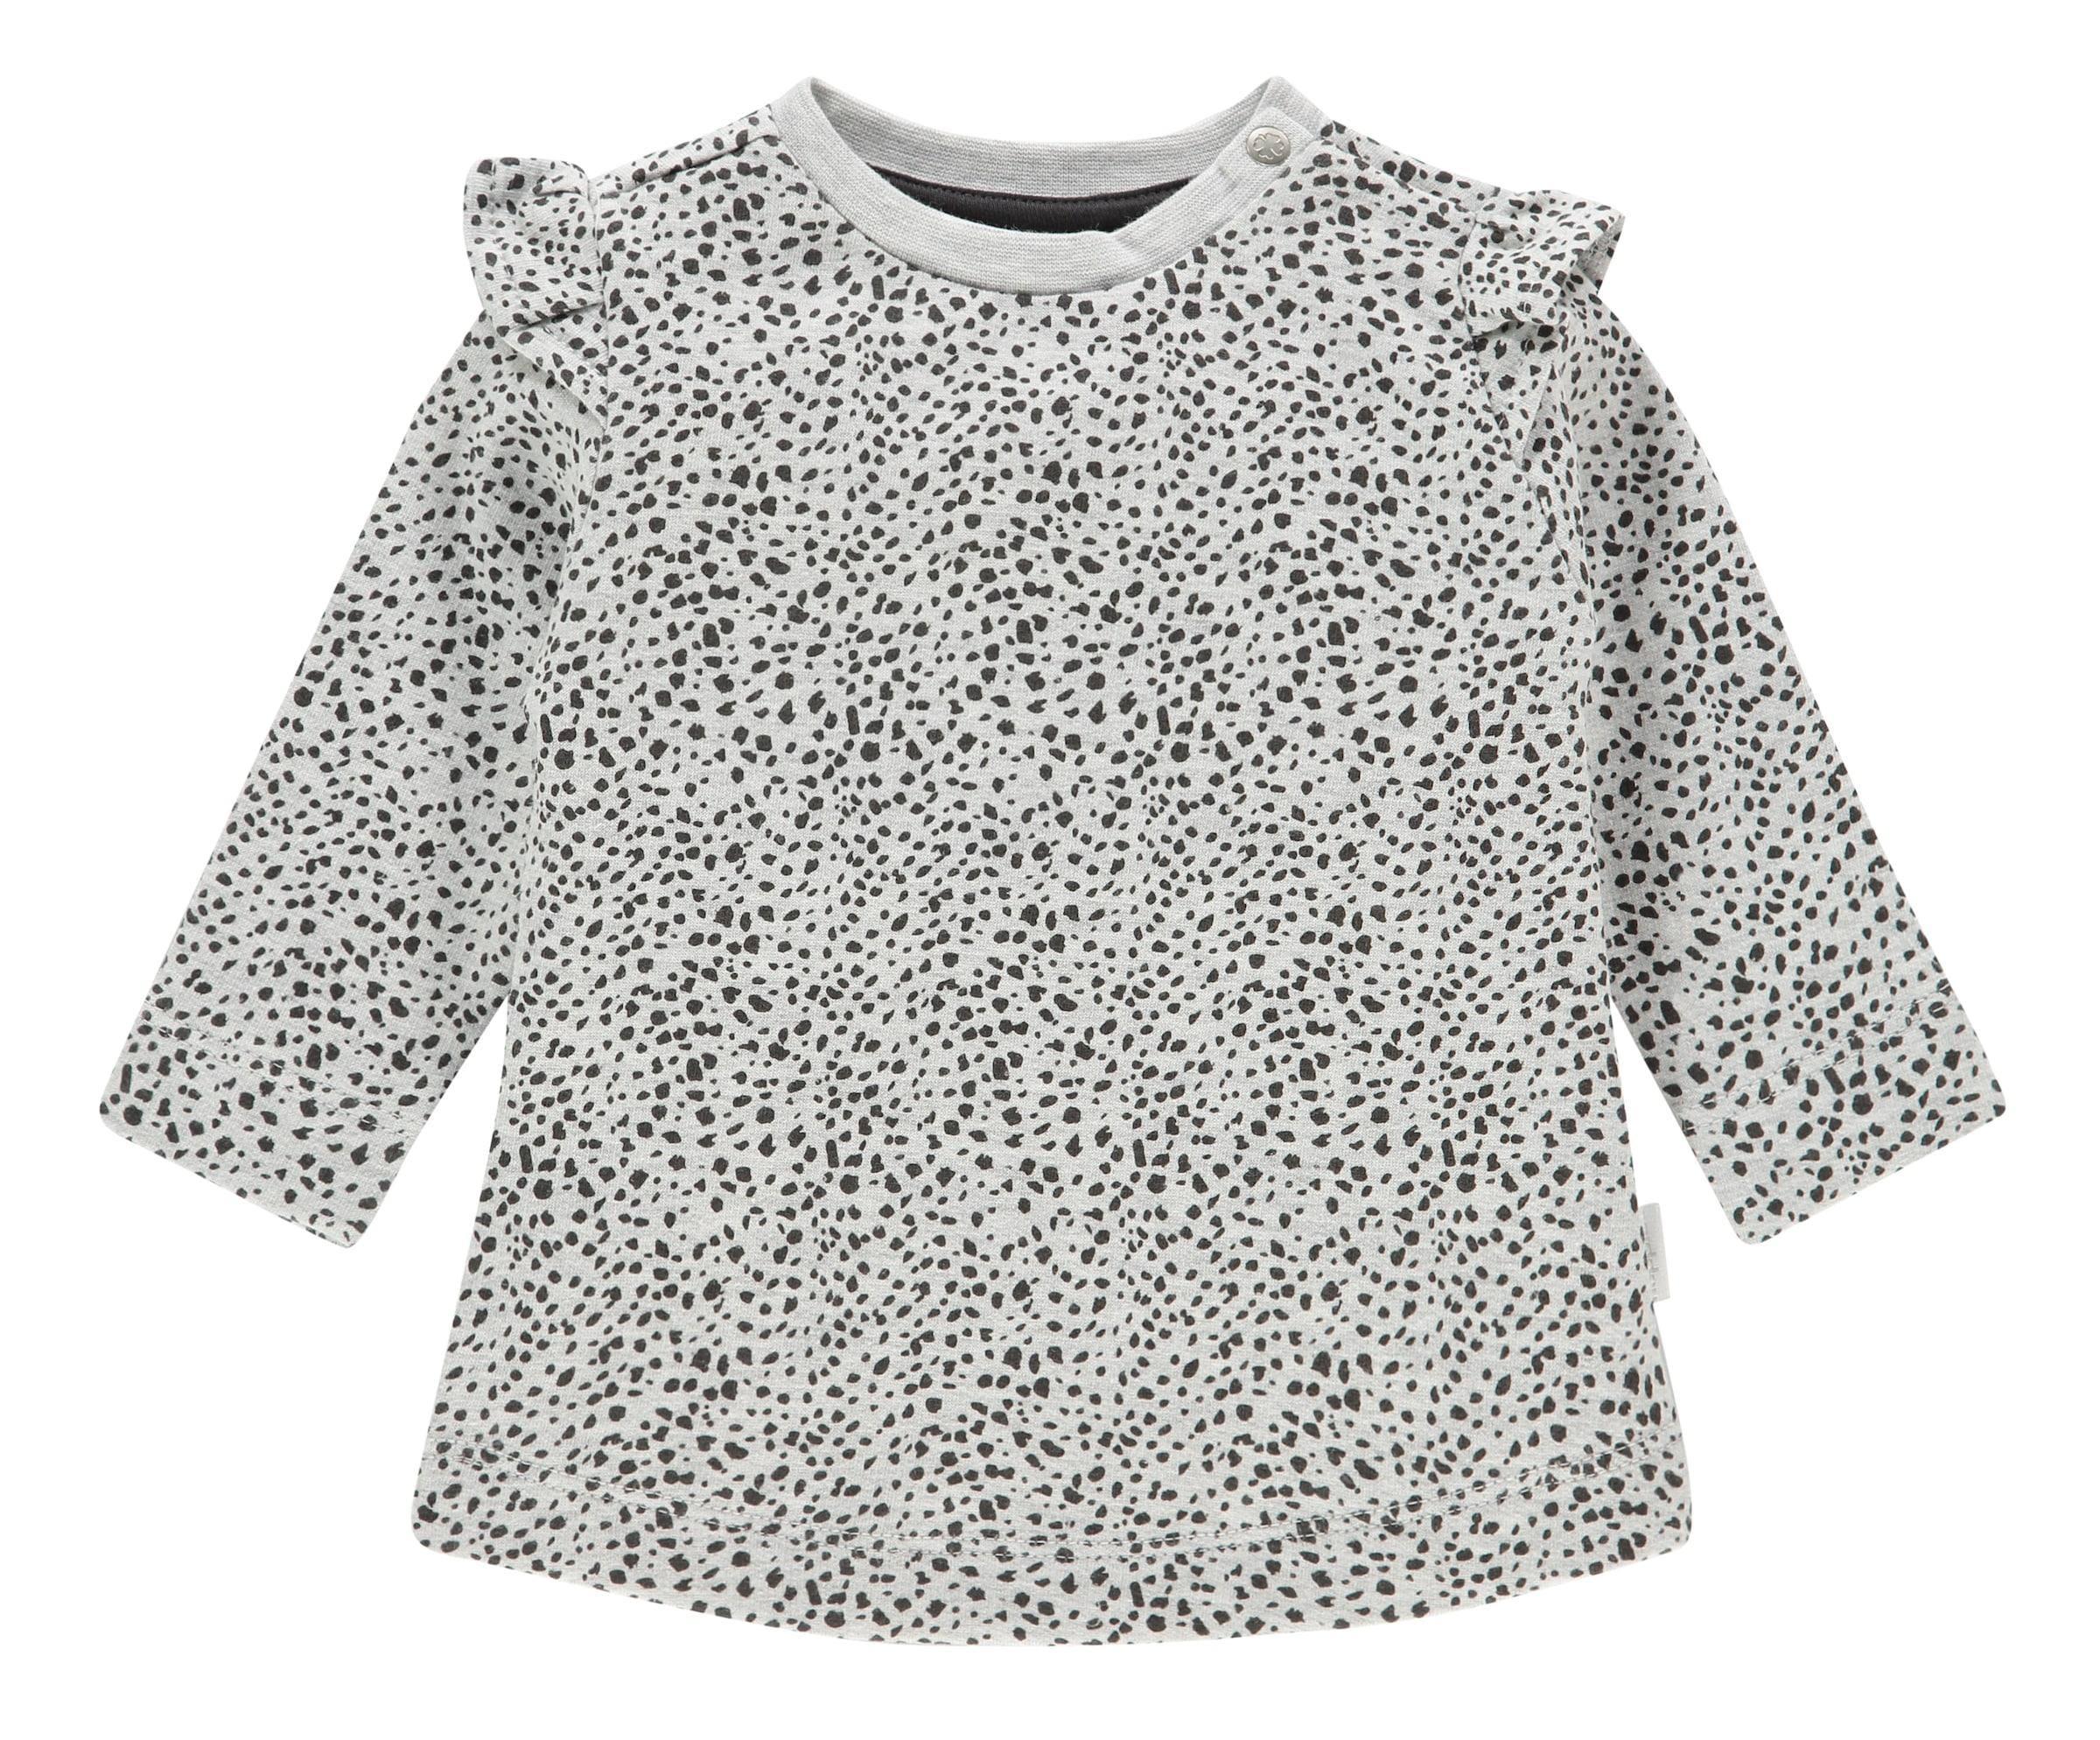 Kinder,  Mädchen,  Kinder Noppies Kleid 'Chicasaw' schwarz,  weiß | 08719788353667